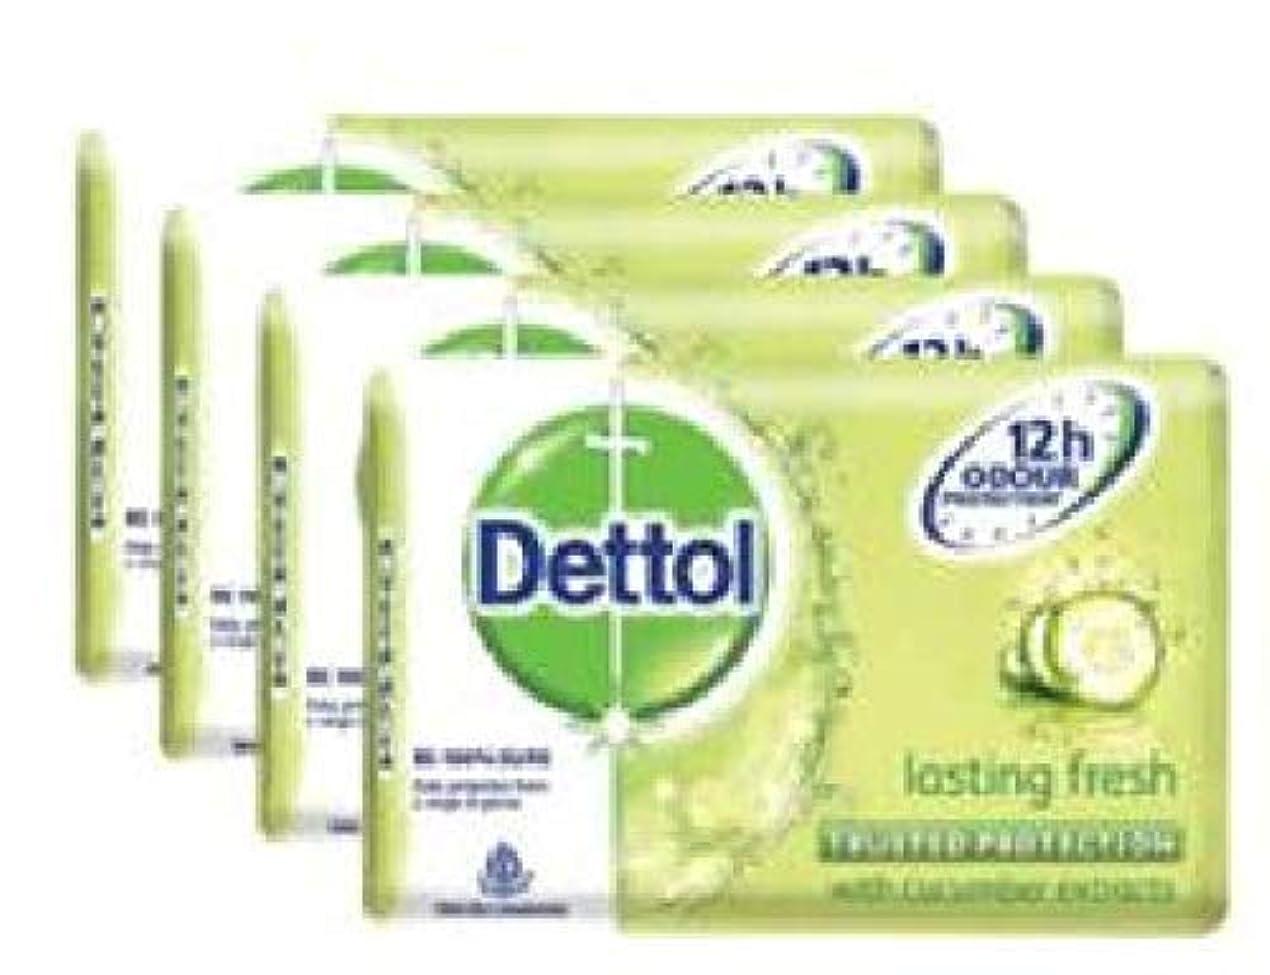 わずらわしい虐待開始Dettol 新鮮4x105g-を持続固形石鹸は、あなたが自由生殖続け、石鹸は肌にもとても優しいです